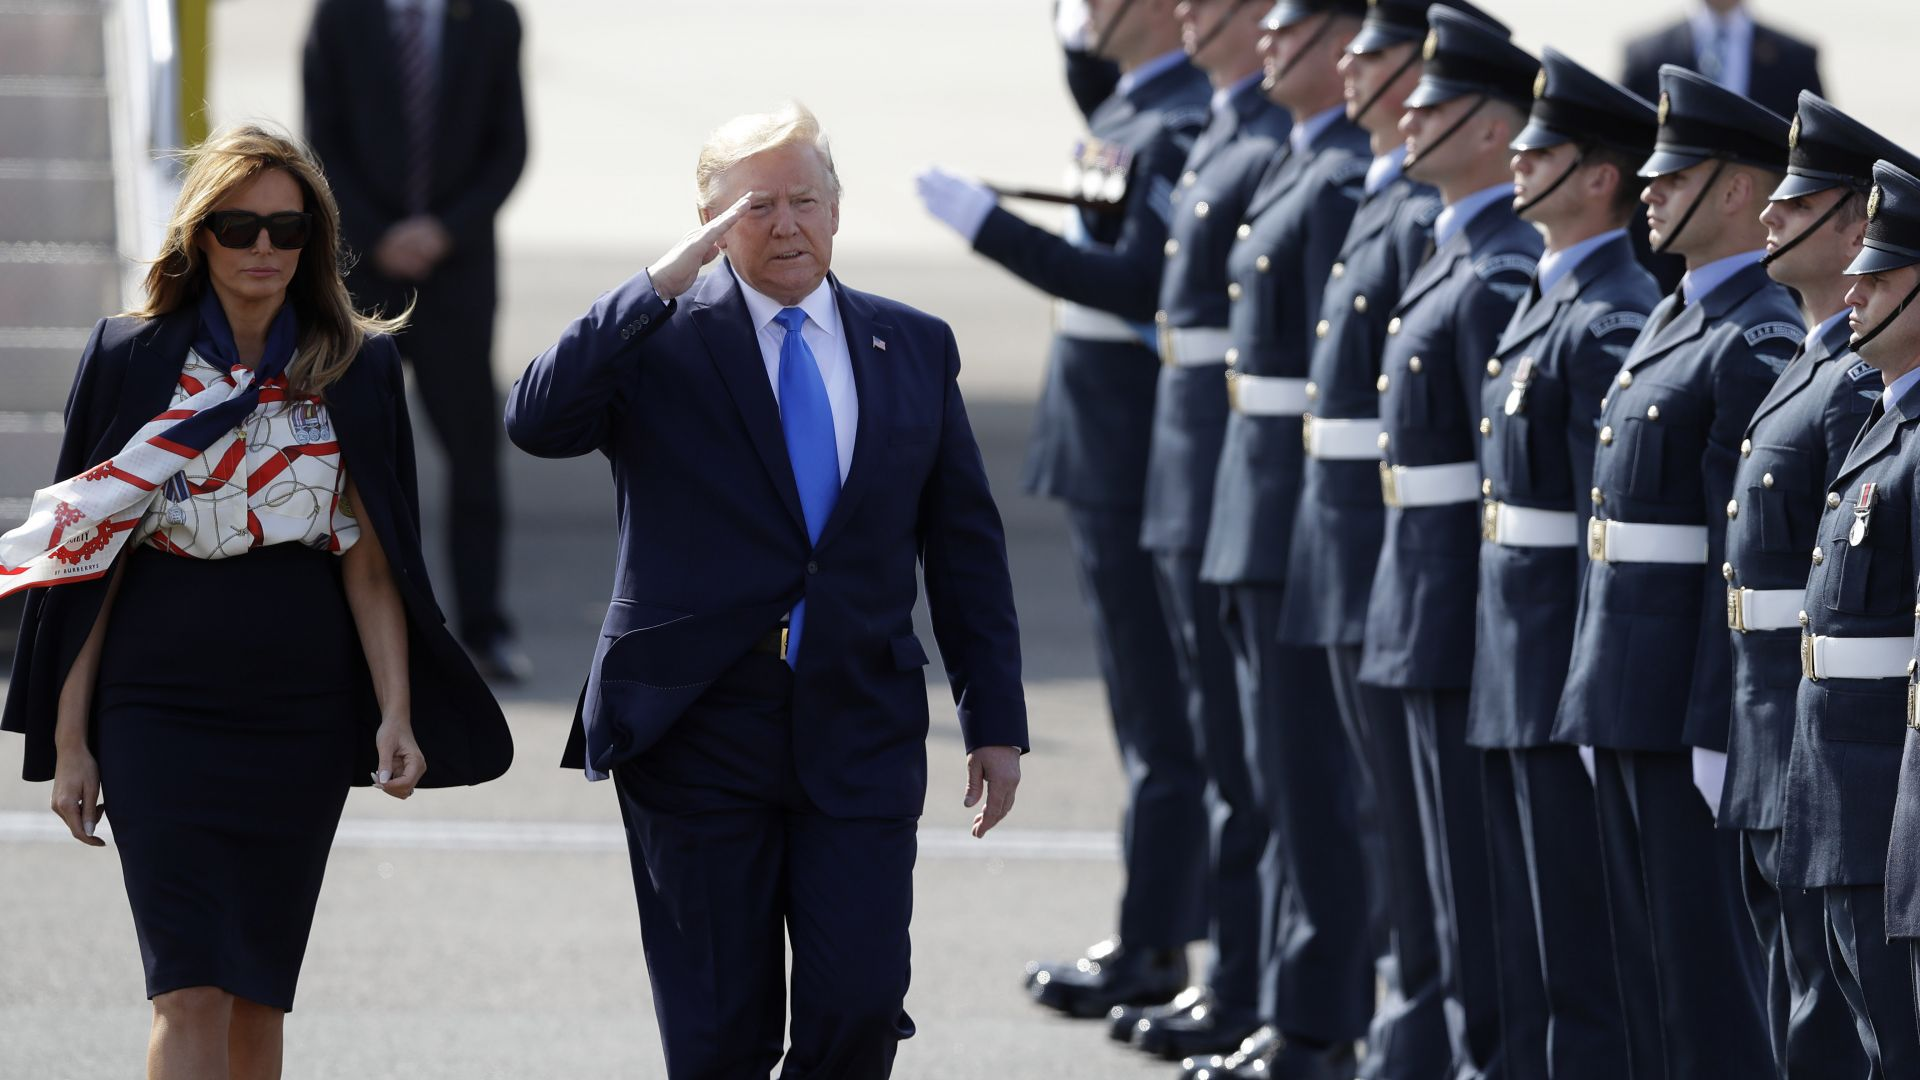 10 мерки за безопасността на Тръмп в Обединеното кралство